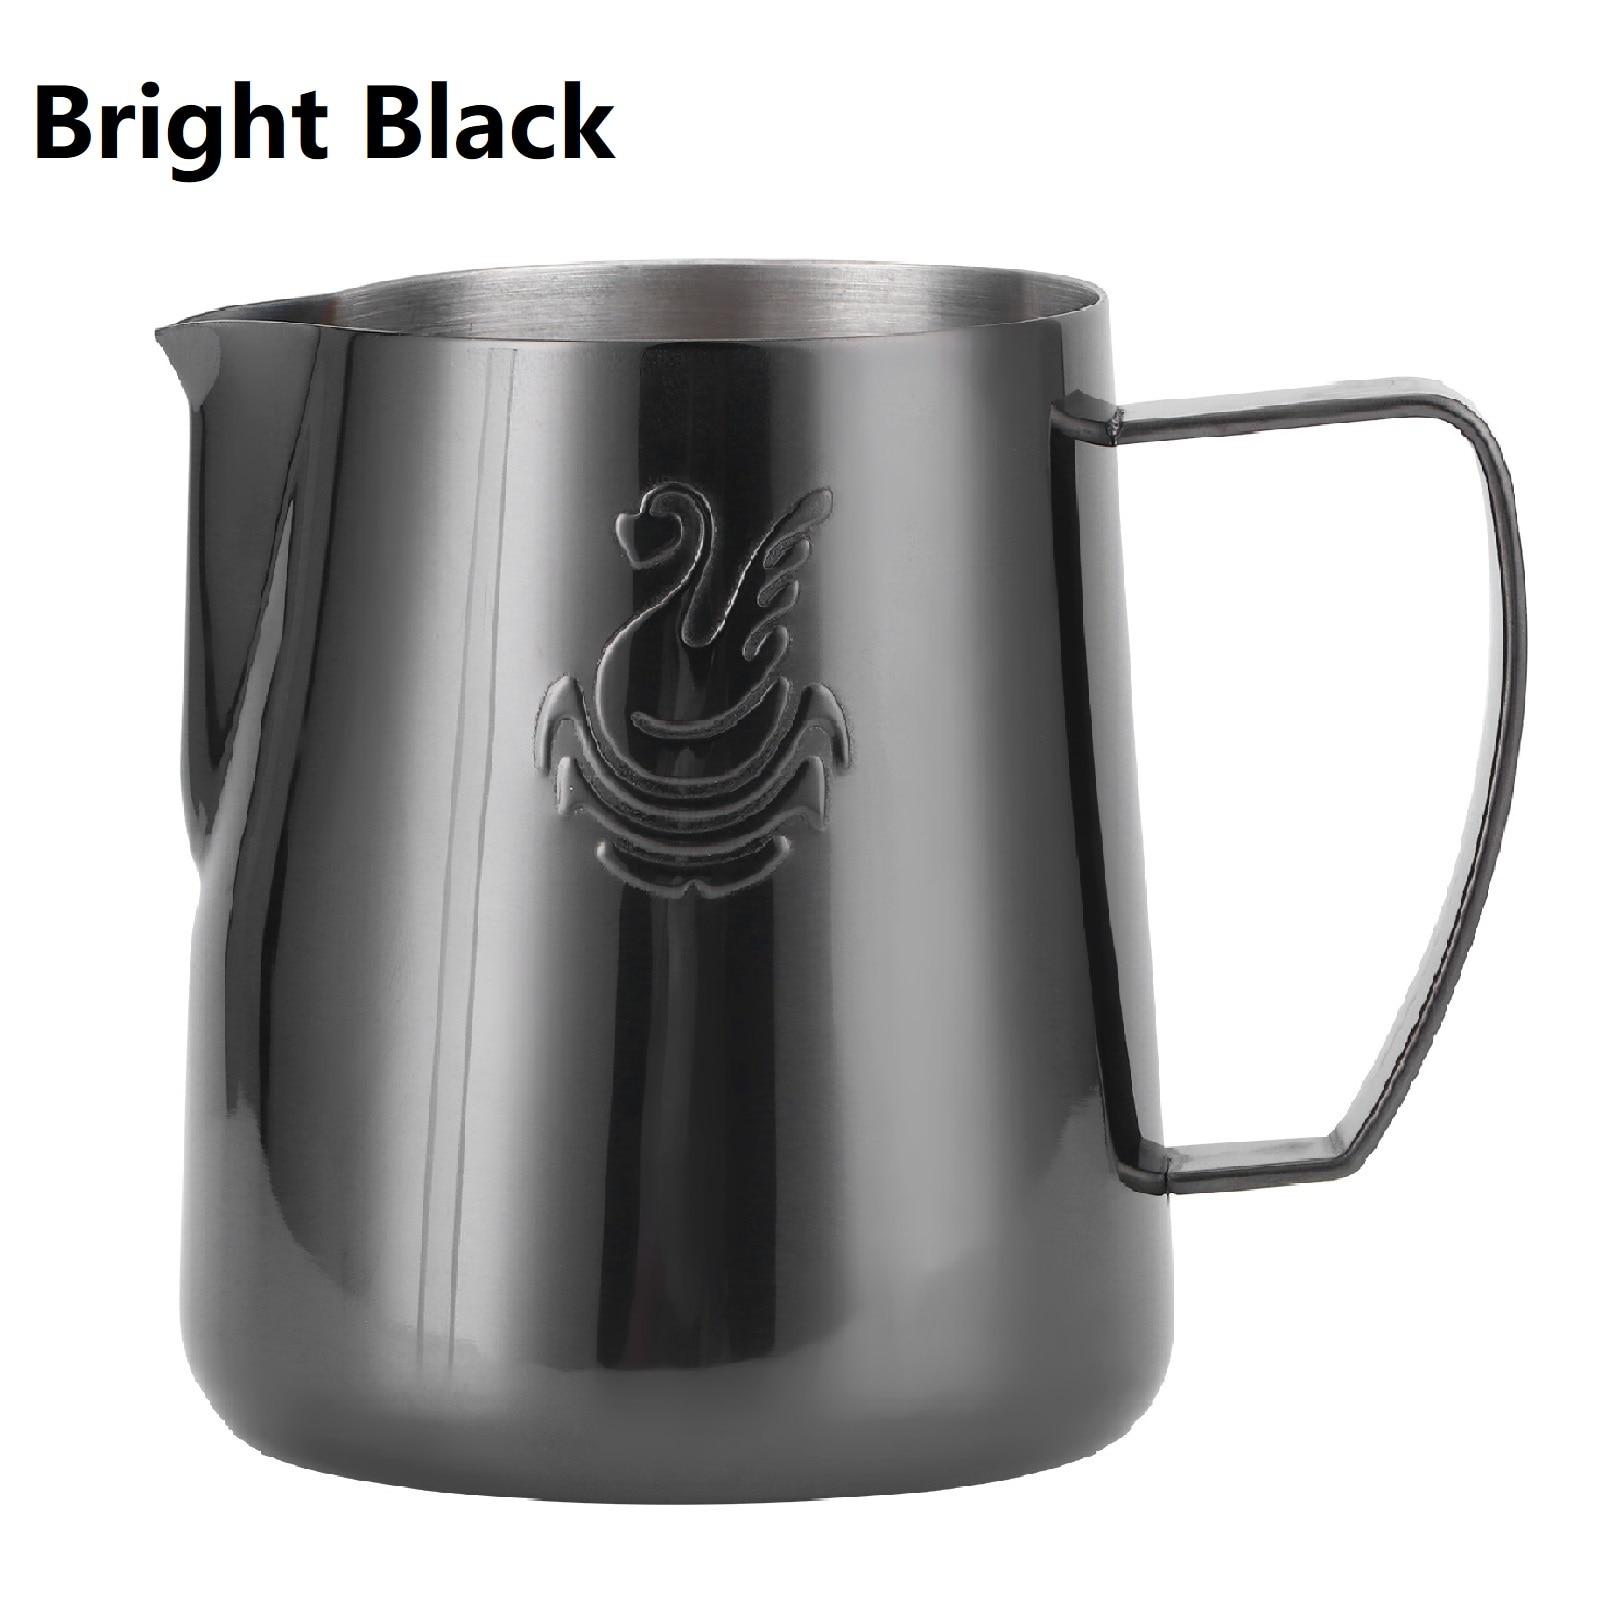 الفولاذ المقاوم للصدأ 400 مللي/600 مللي فنجان القهوة الأسود الحليب مزبد كوب كريم Frother اسبريسو مزبد إبريق إبريق لاتيه إكسسوارات فنية